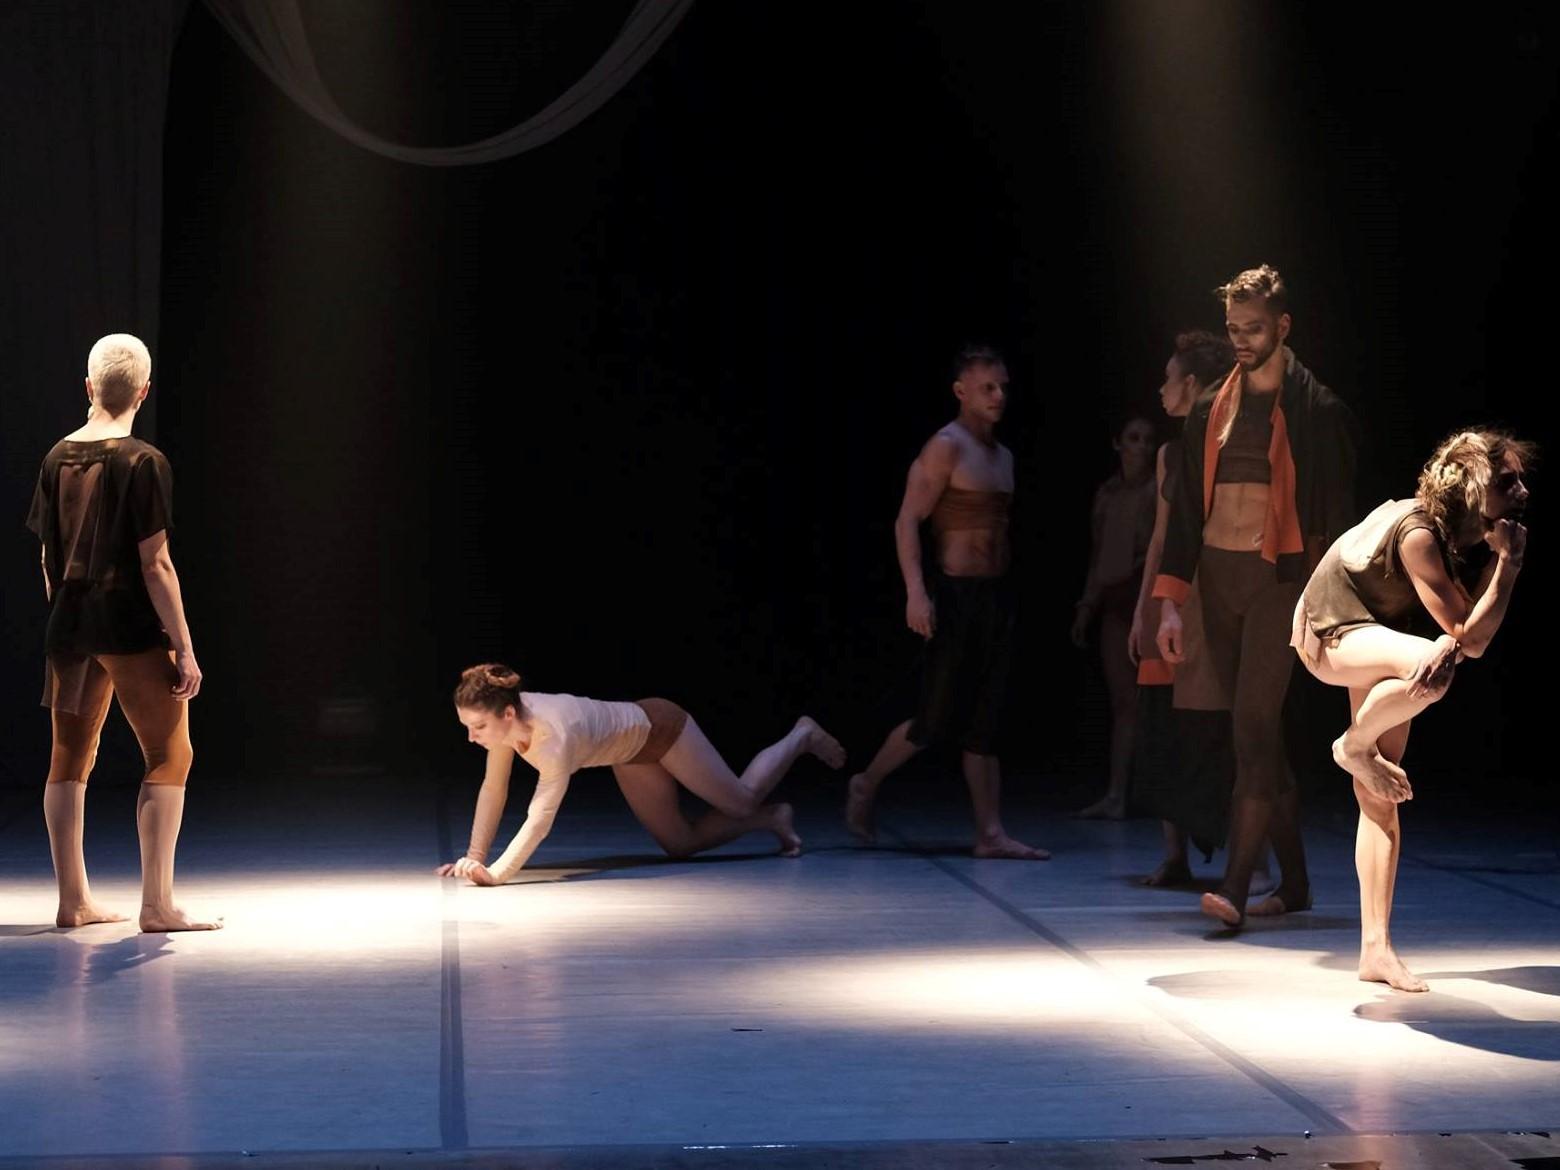 Polski Teatr Tańca  - Polski Teatr Tańca Facebook